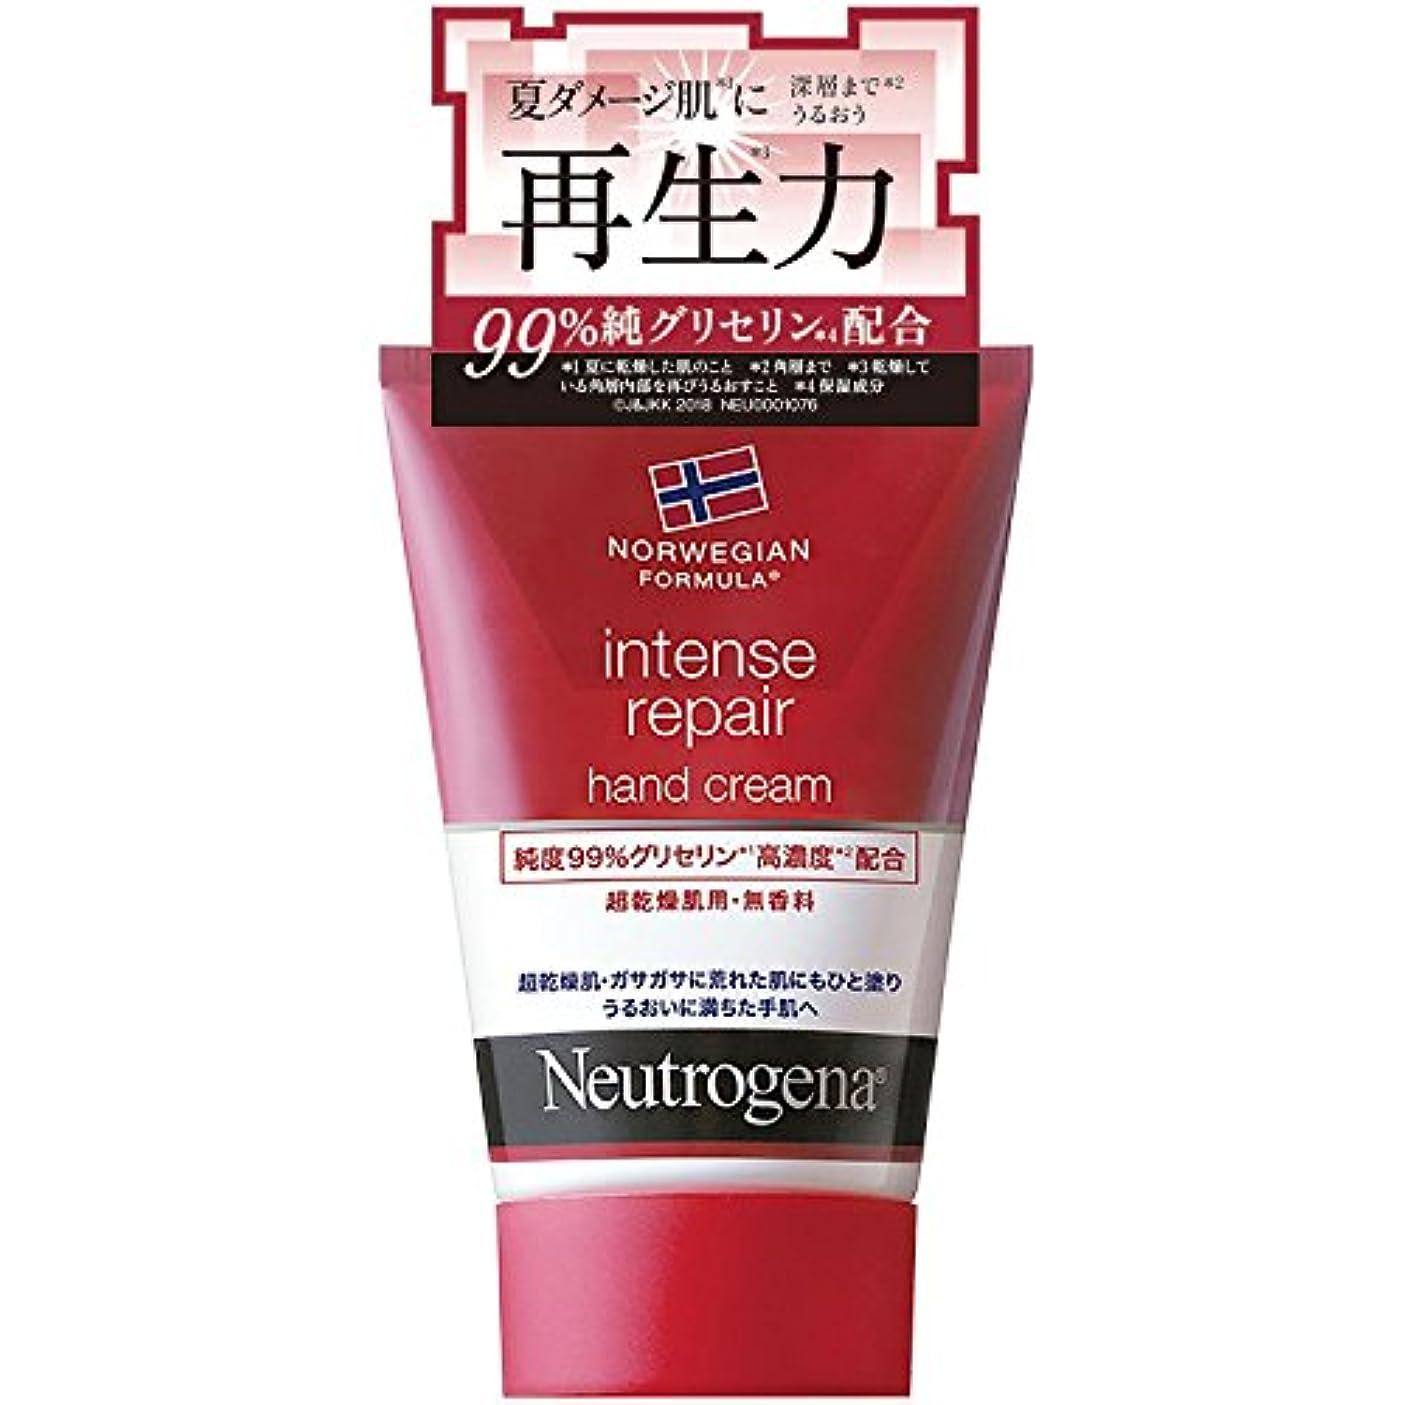 小説家鳴り響く争うNeutrogena(ニュートロジーナ) ノルウェーフォーミュラ インテンスリペア ハンドクリーム 超乾燥肌用 無香料 単品 50g